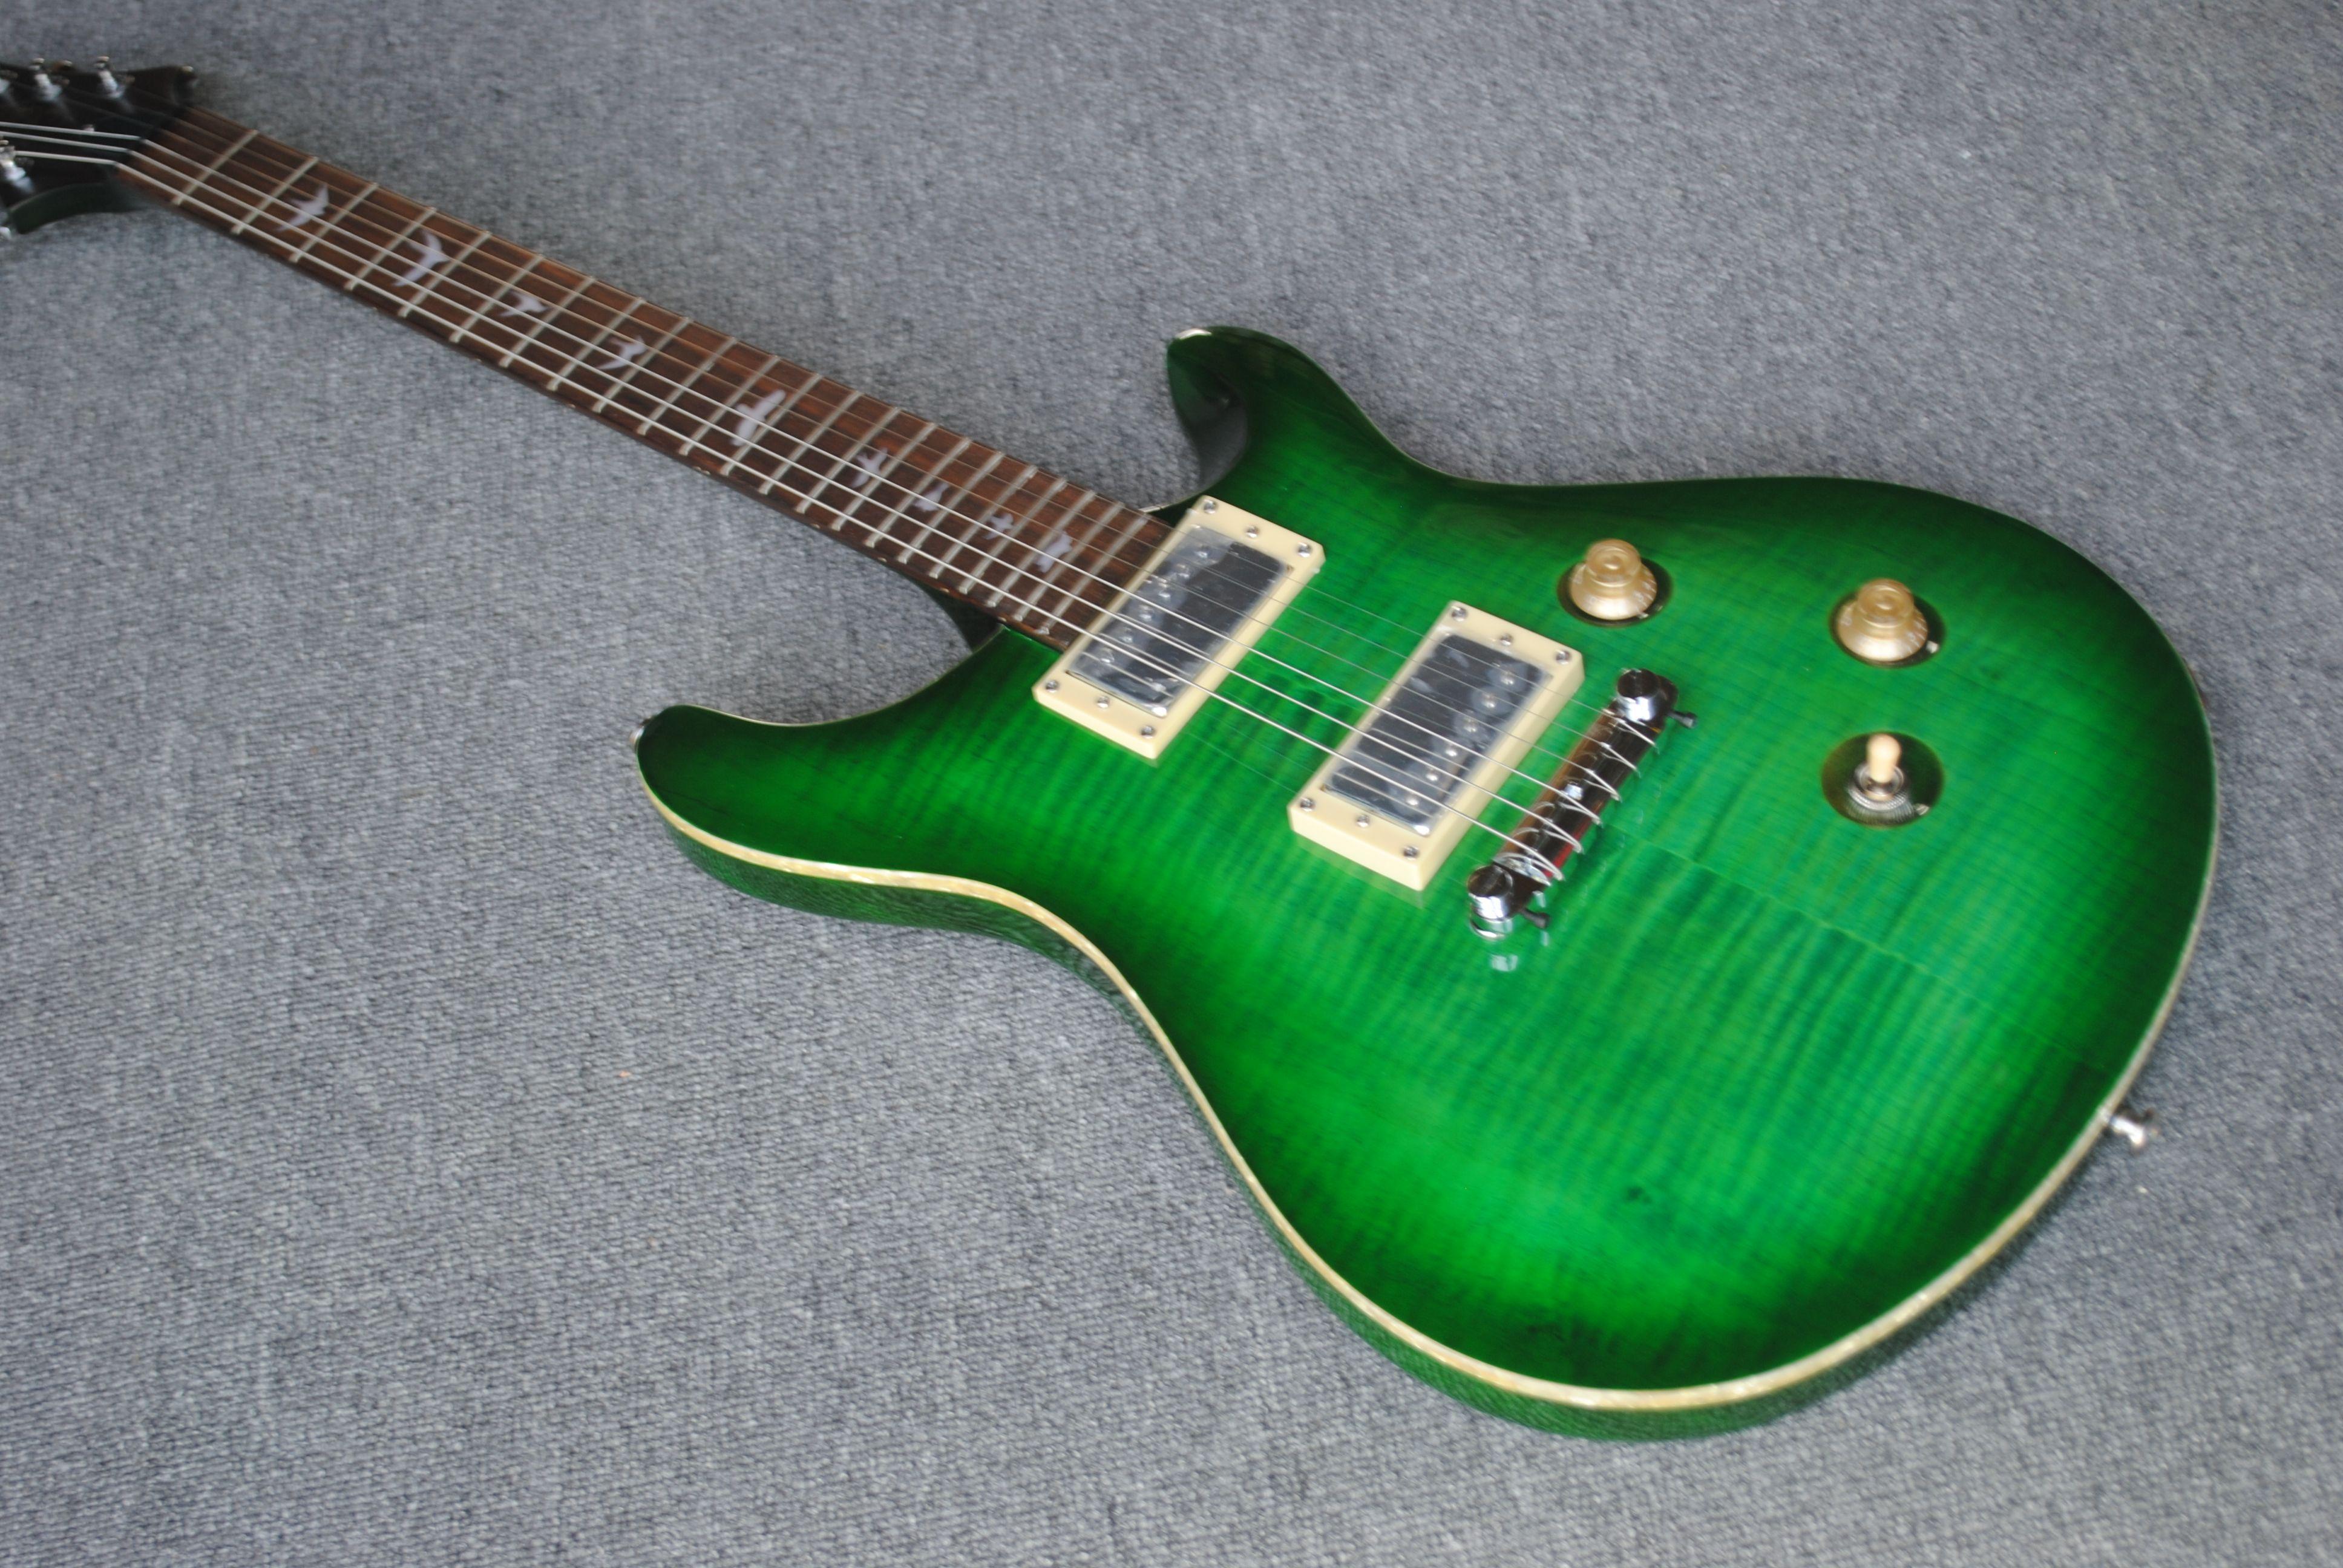 PR guitarra de la alta calidad de la guitarra, exquisito, modificado para requisitos particulares, el más caliente nueva guitarra de 2020- 34